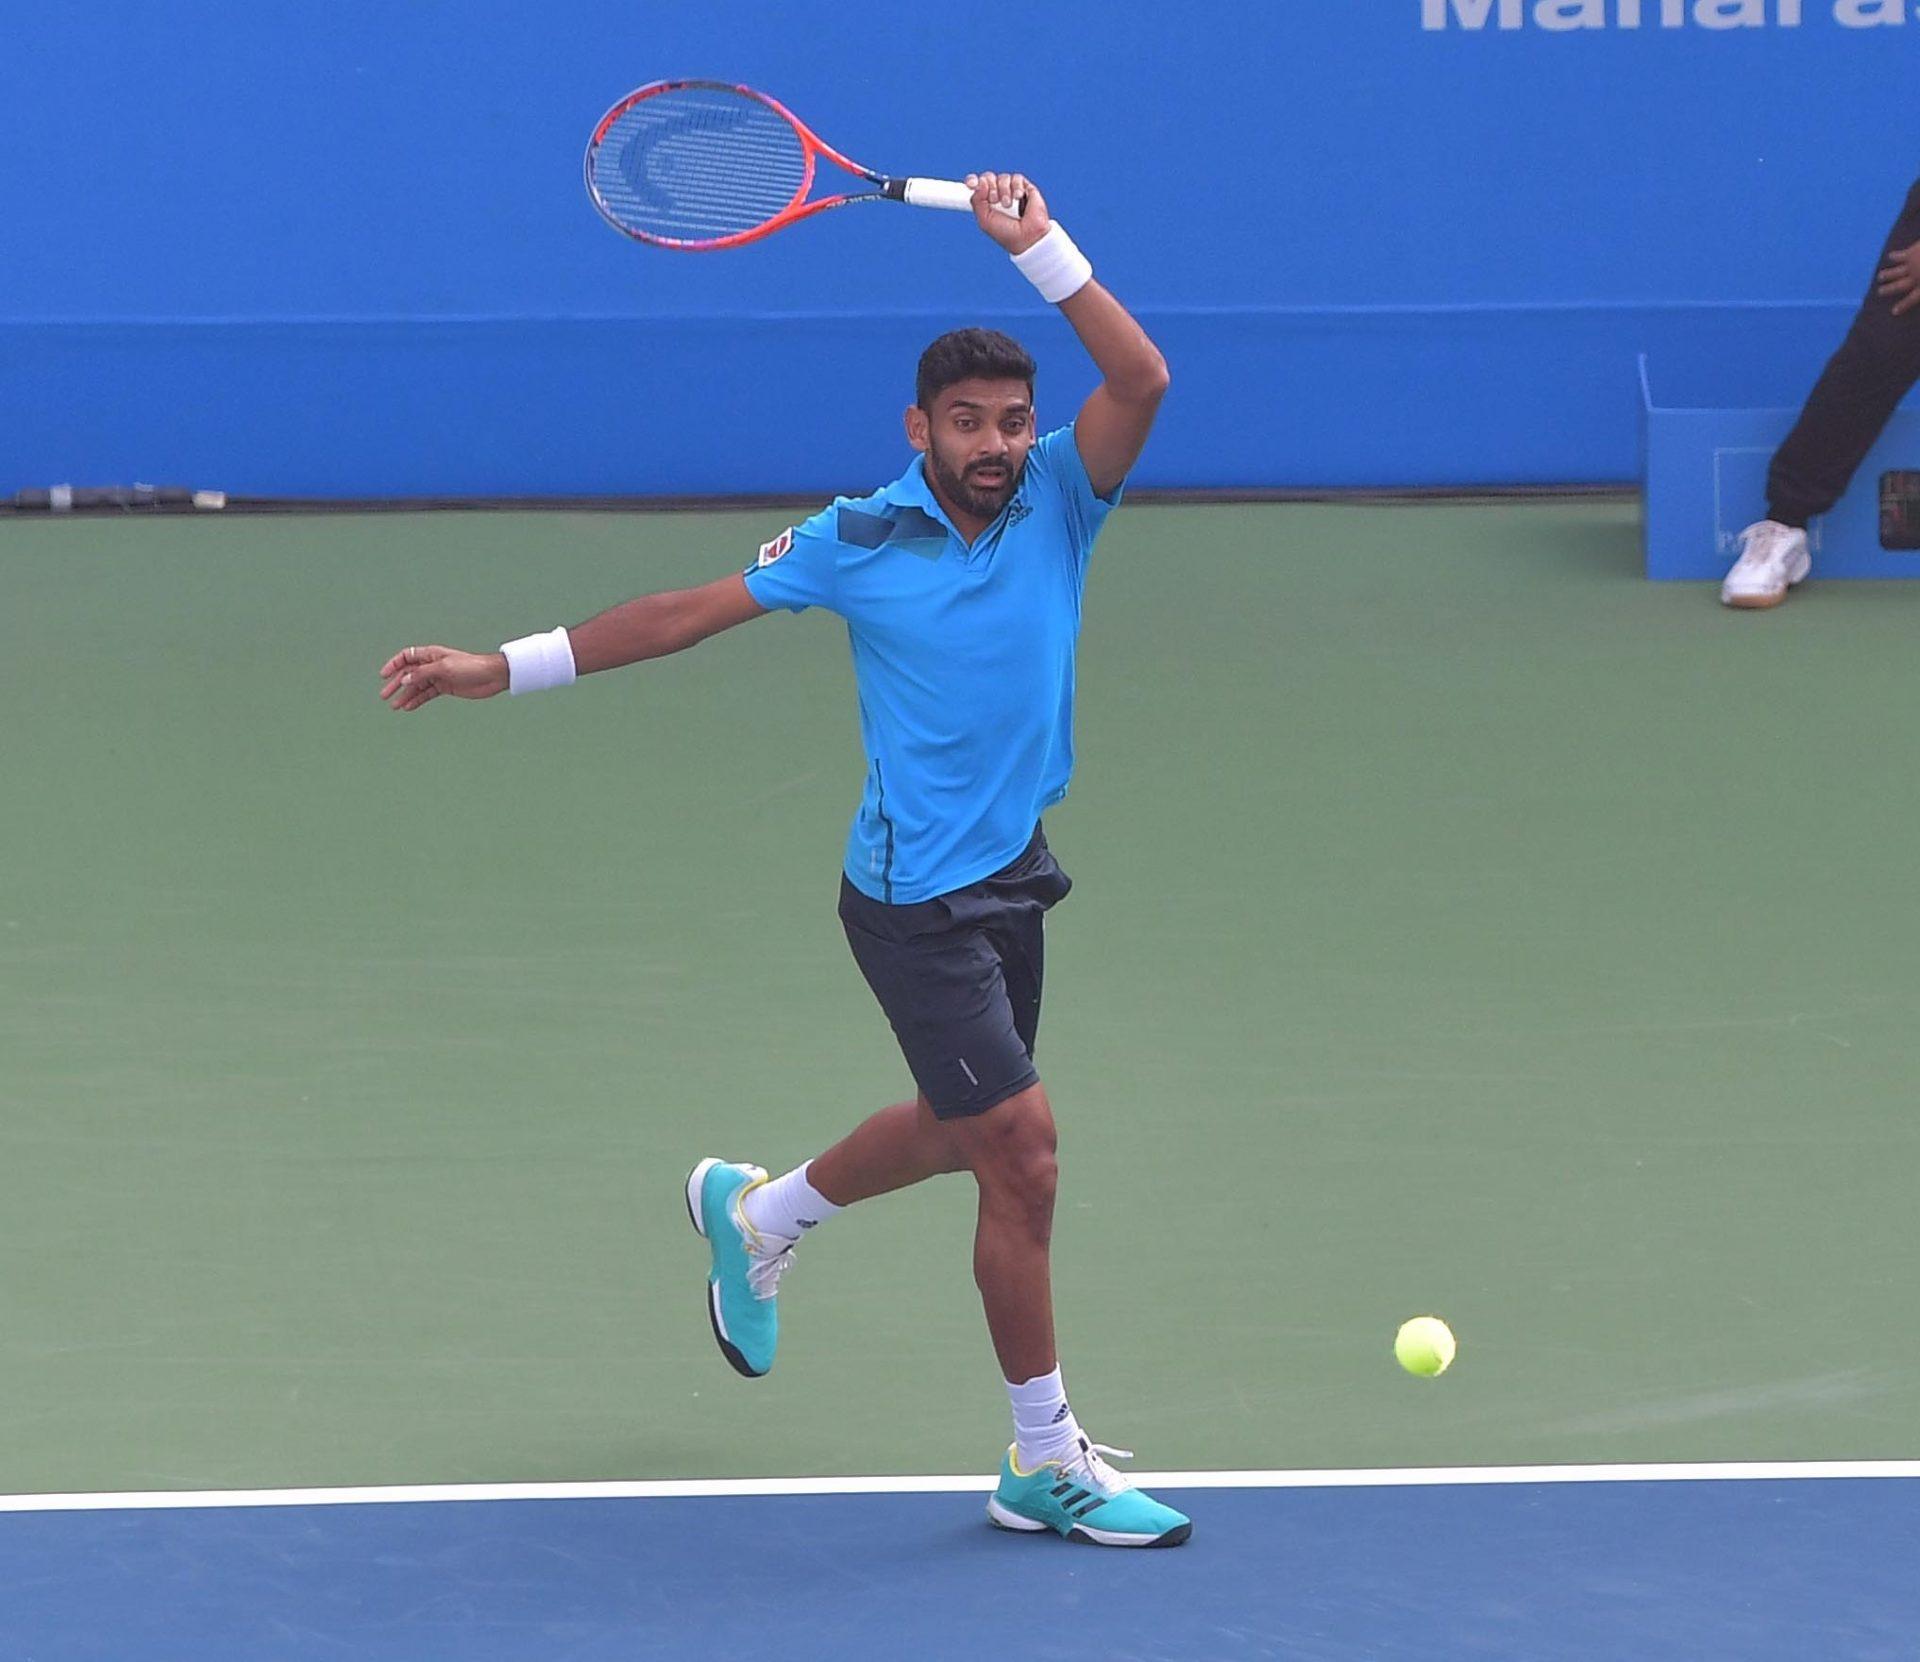 रॉबर्ट लिंस्टेड व जोनाथन एरलीच टाटा ओपन महाराष्ट्र टेनिस स्पर्धेच्या दुहेरीचे खास आकर्षण